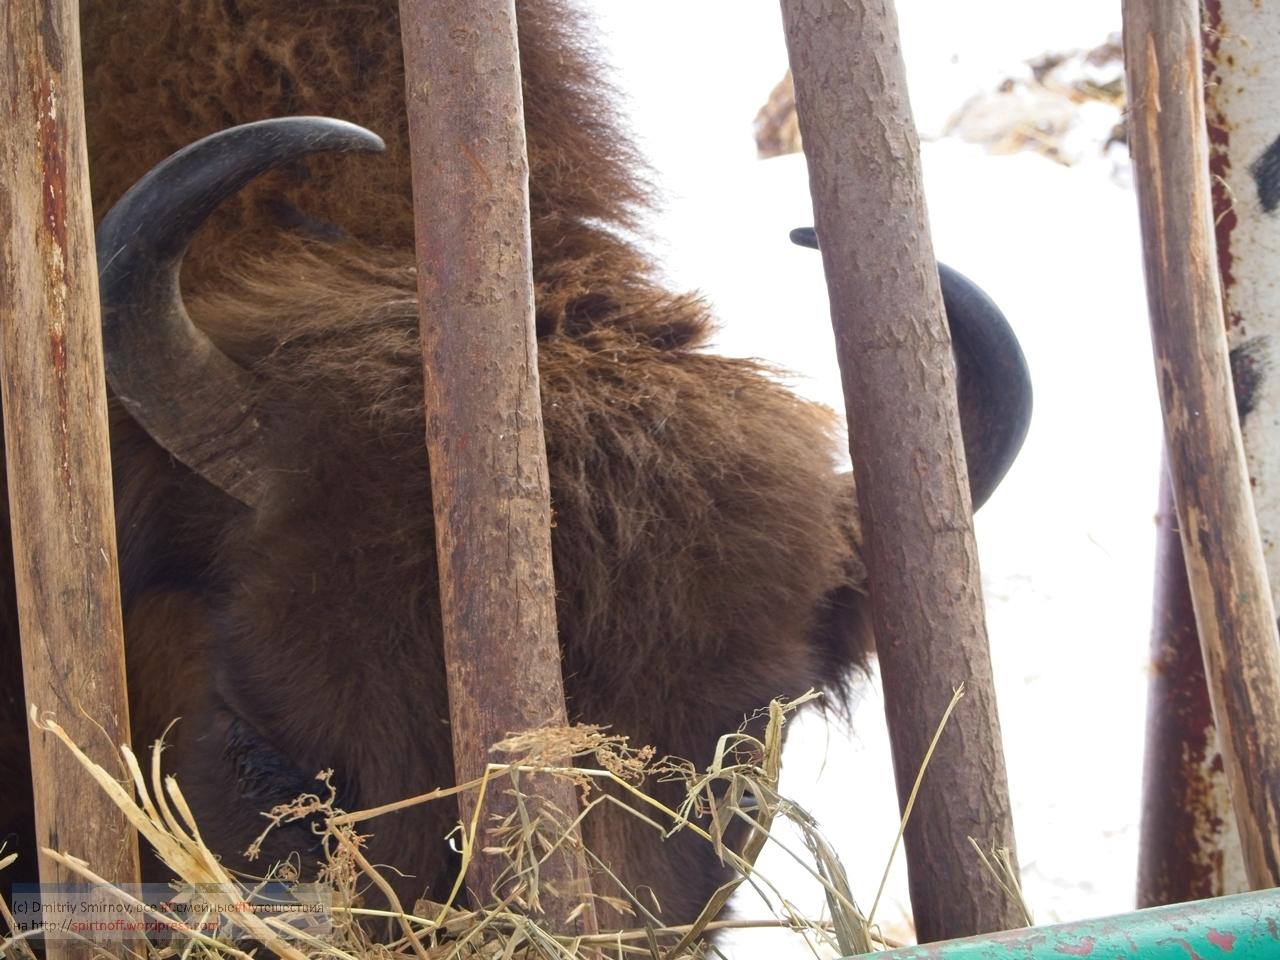 smi13847-blog-88 Путешествия  К зубрам в гости (Приокский террасный заповедник)